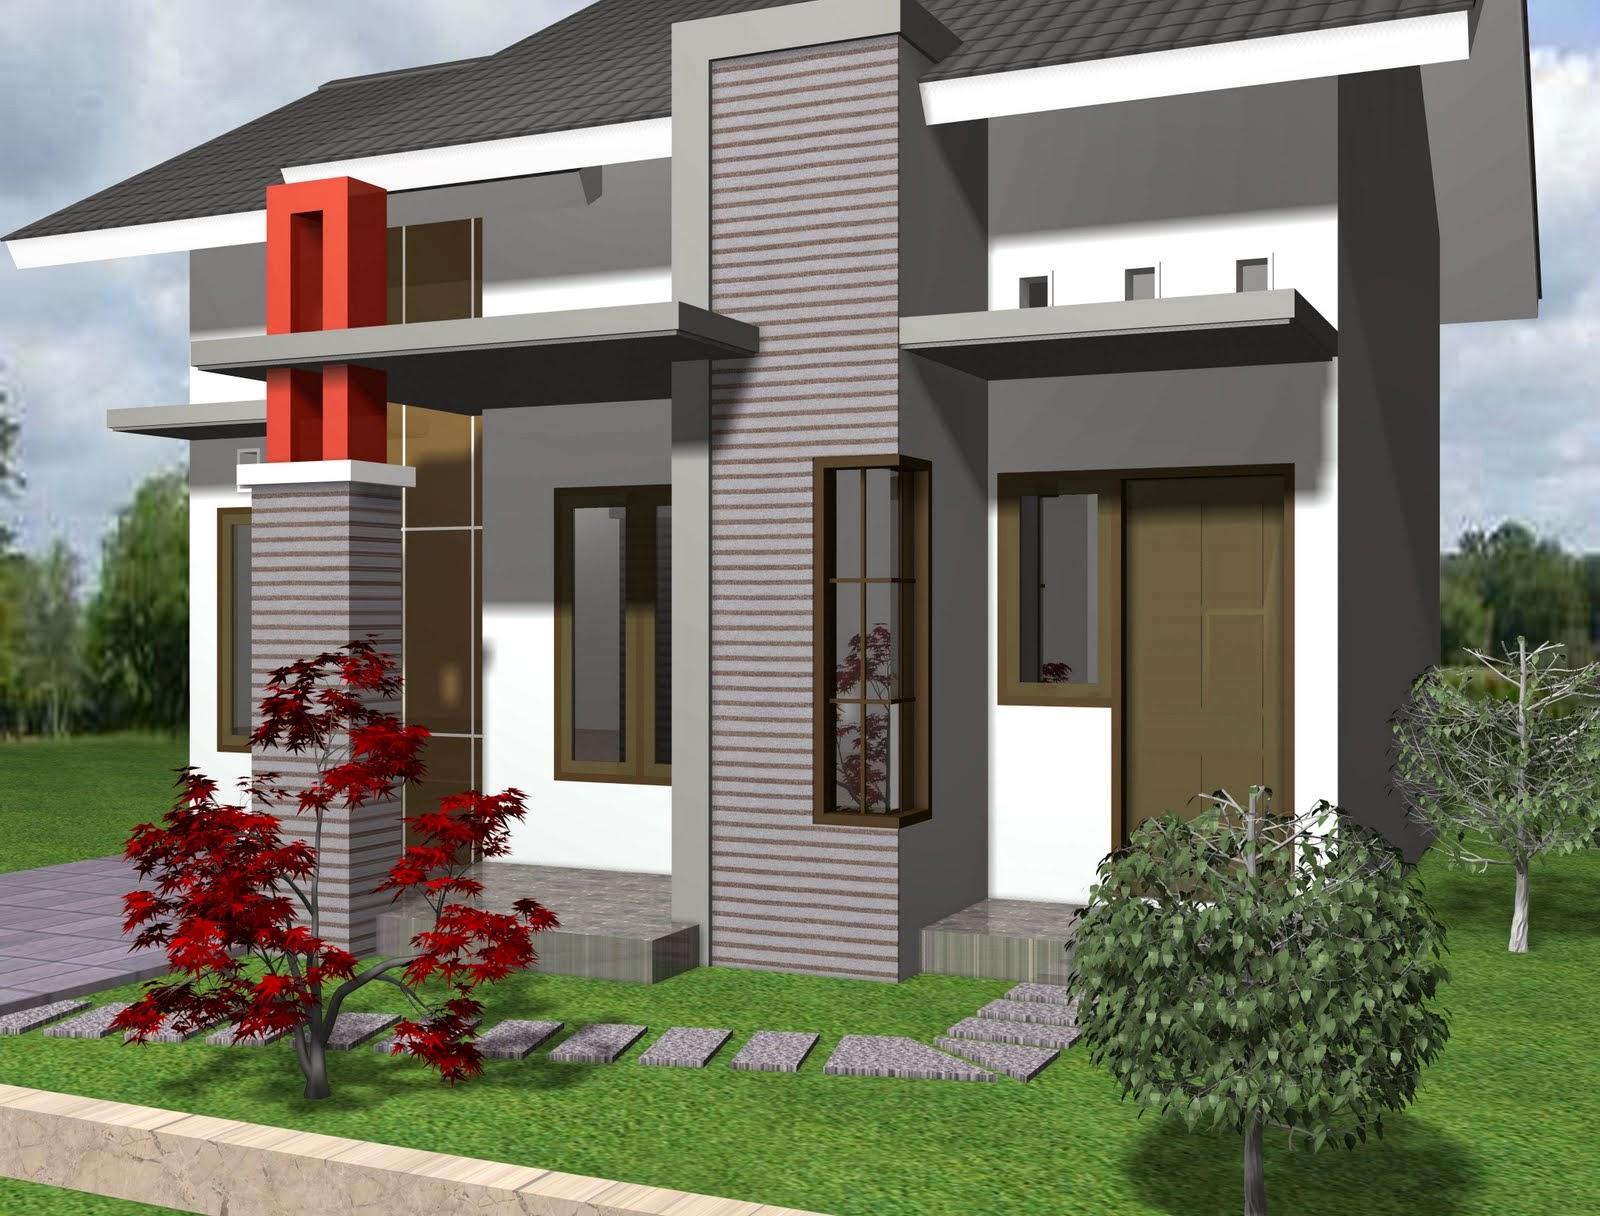 Desain Rumah Minimalis 1 Lantai Modern - Desain Denah Rumah Minimalis ...